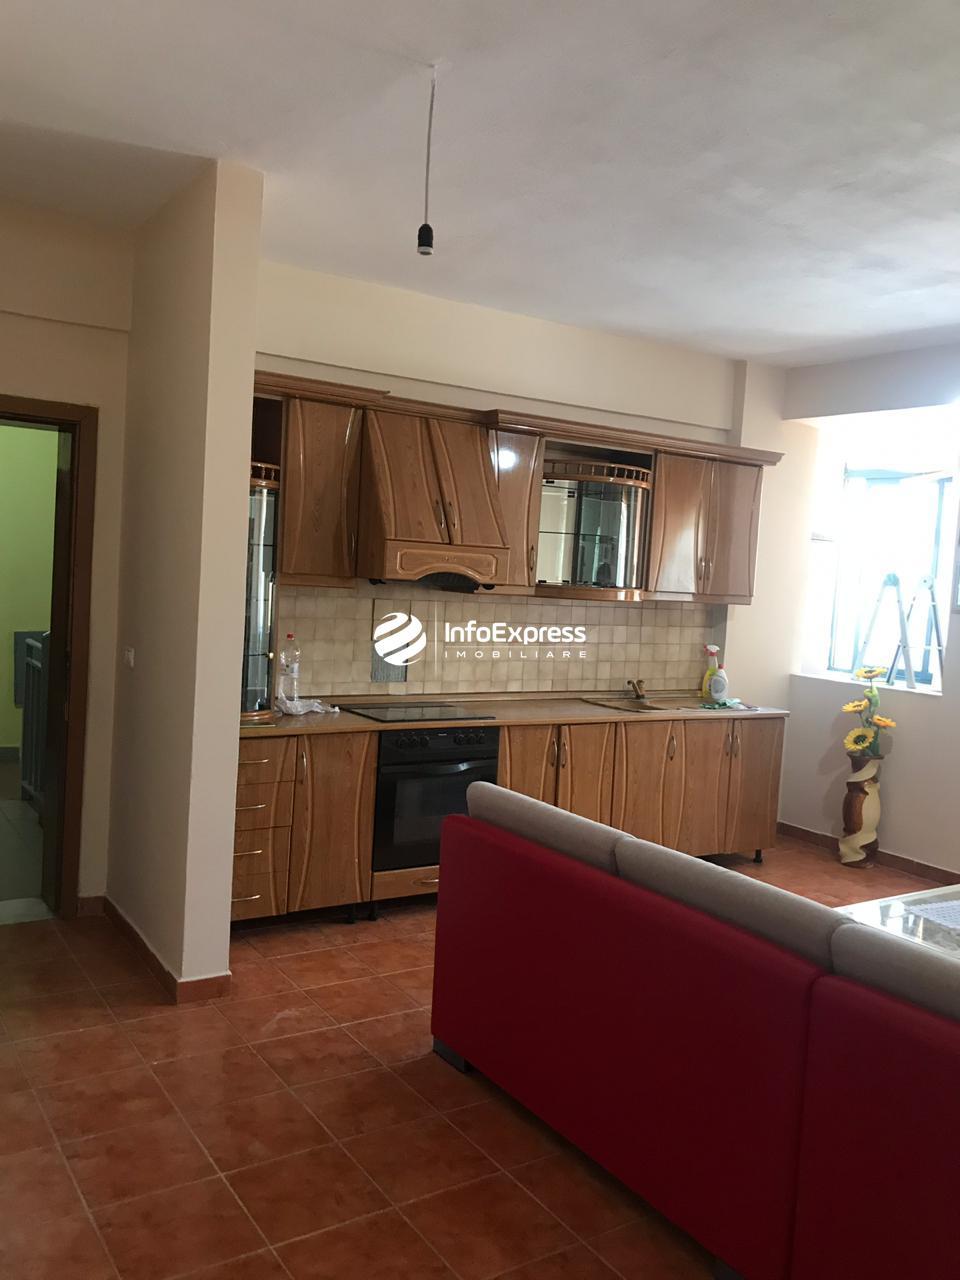 TRR-0419-1430 Jepet me qera apartament 2+1 ndodhet ne bulevardin gjergj fishta prane hotel Hilton